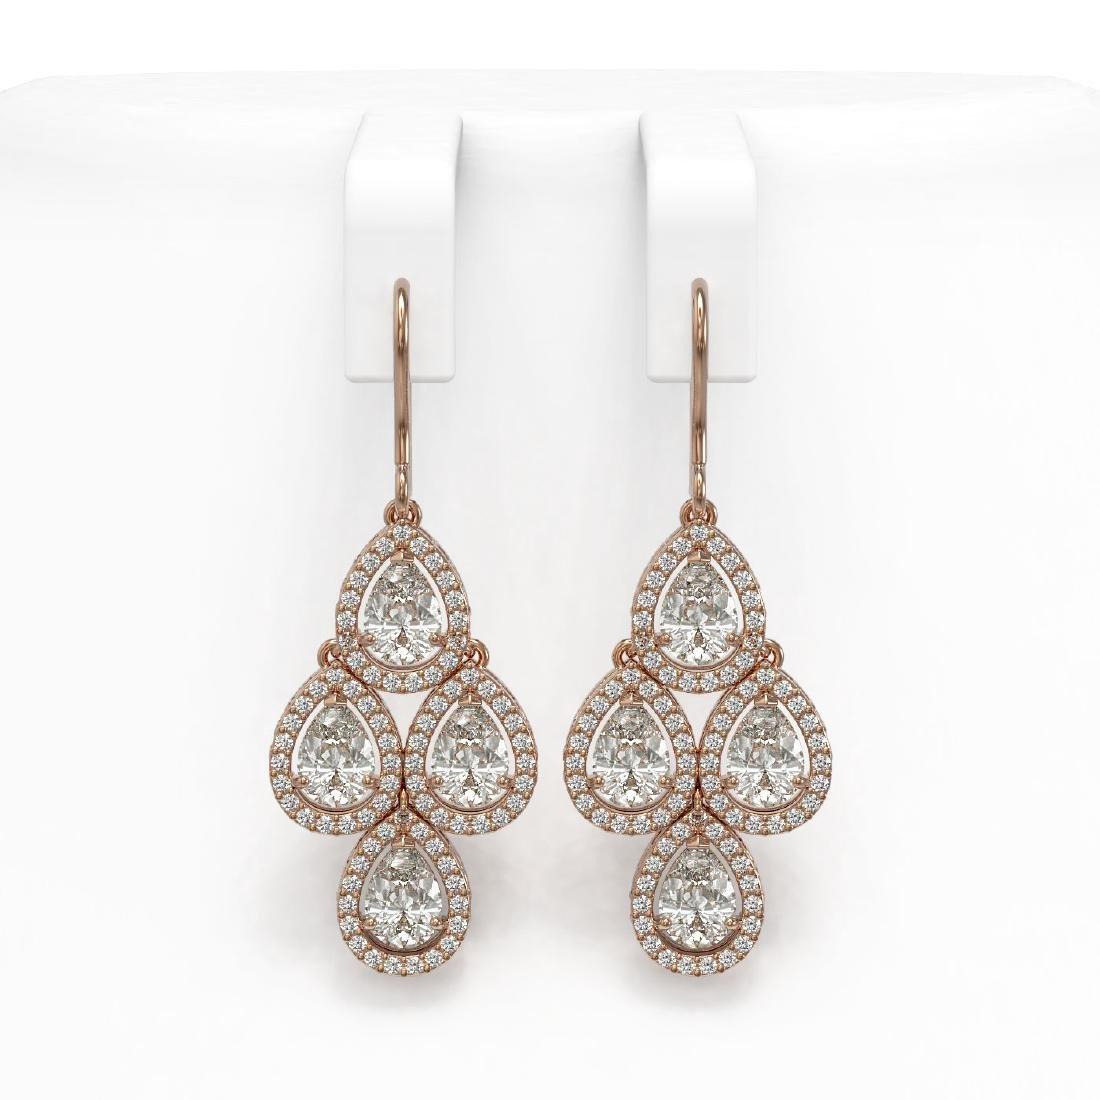 5.85 CTW Pear Diamond Designer Earrings 18K Rose Gold